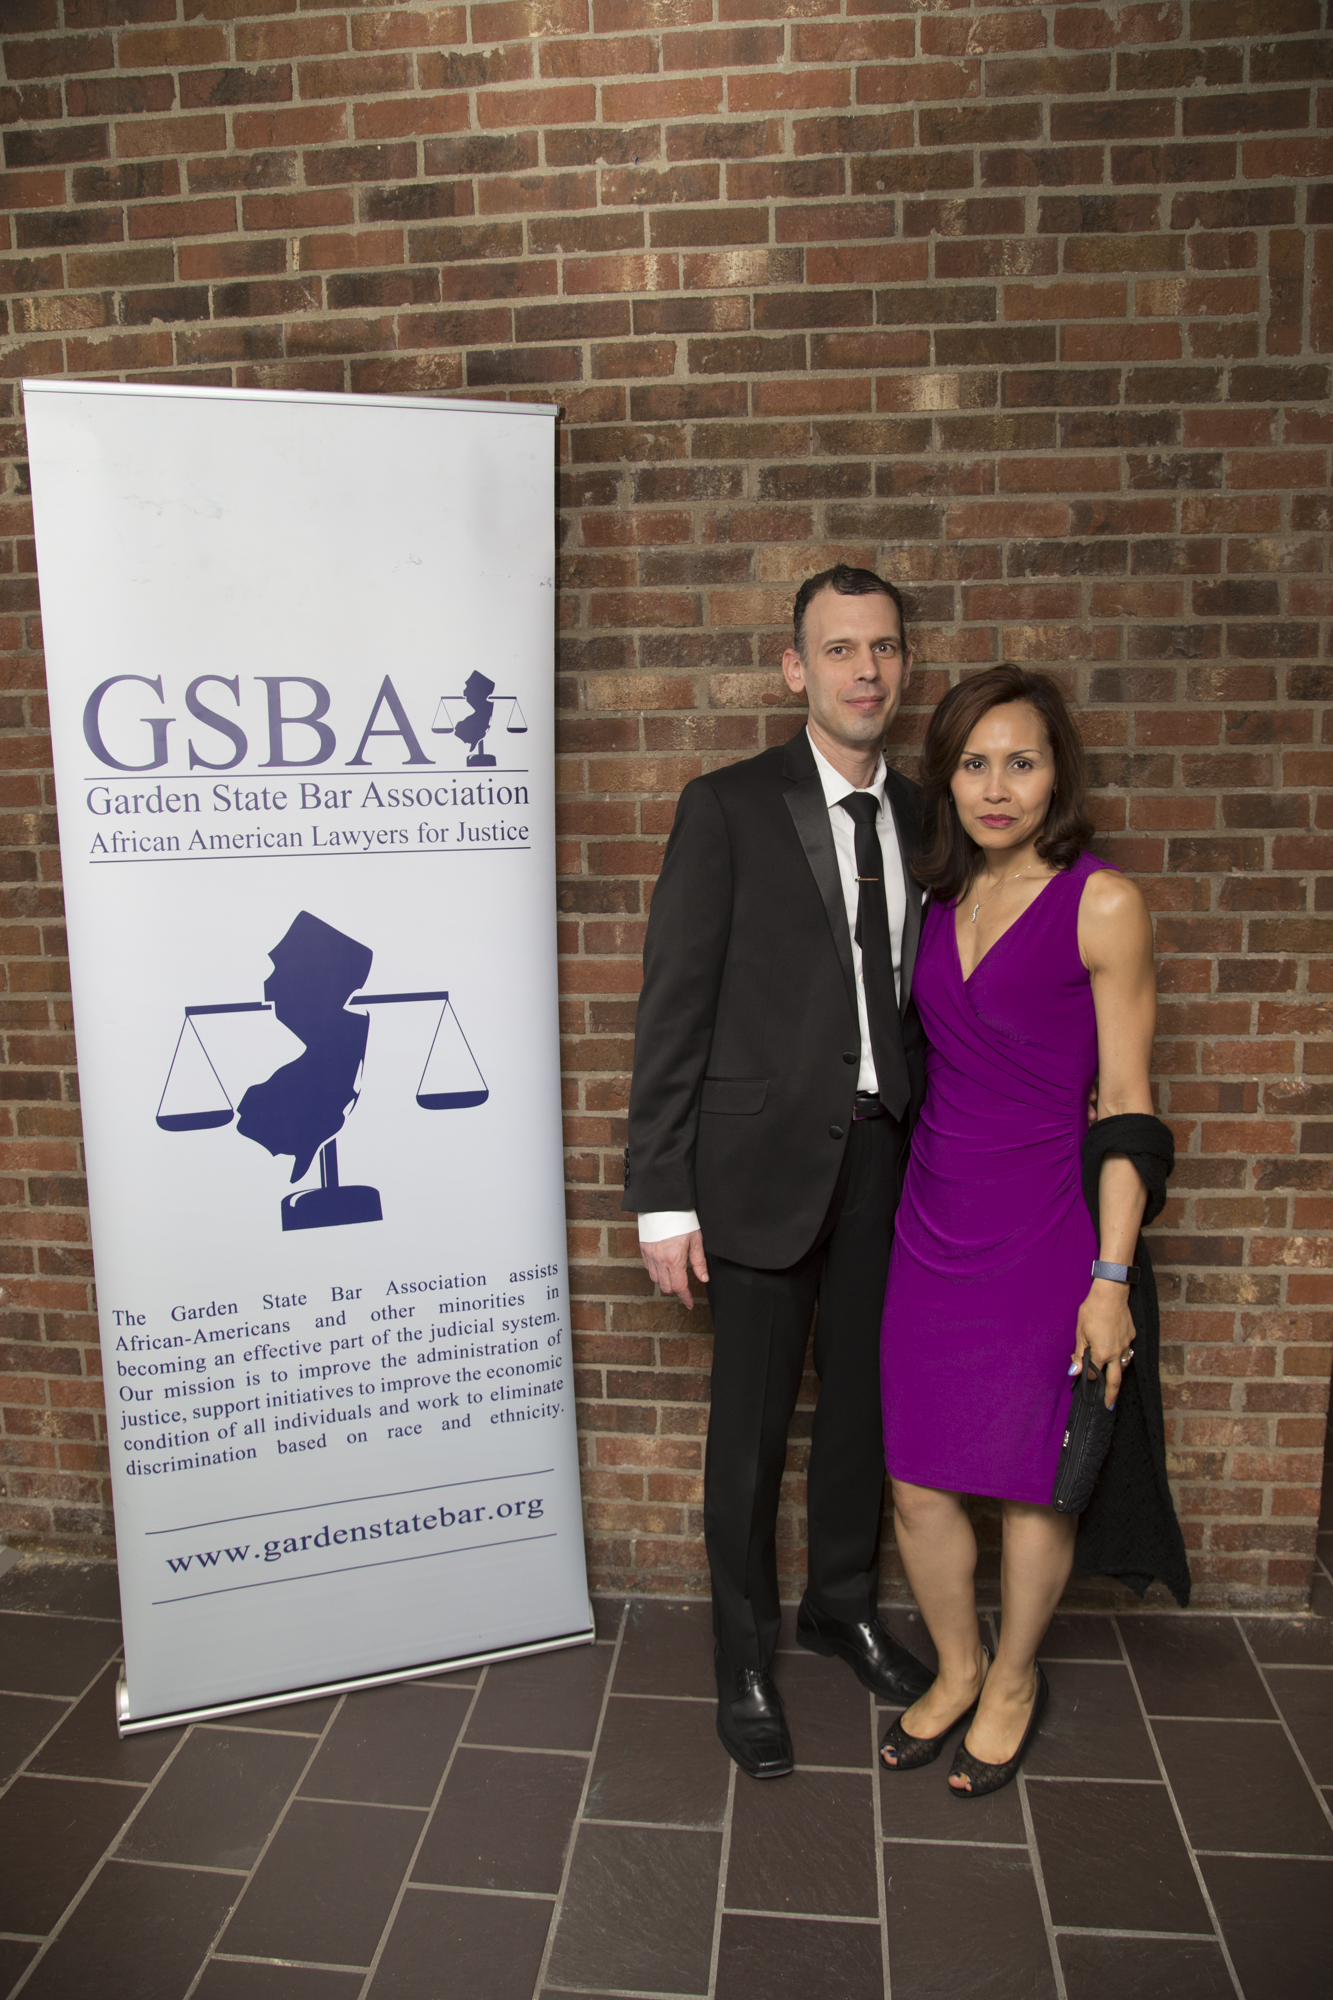 GSBA 236.jpg